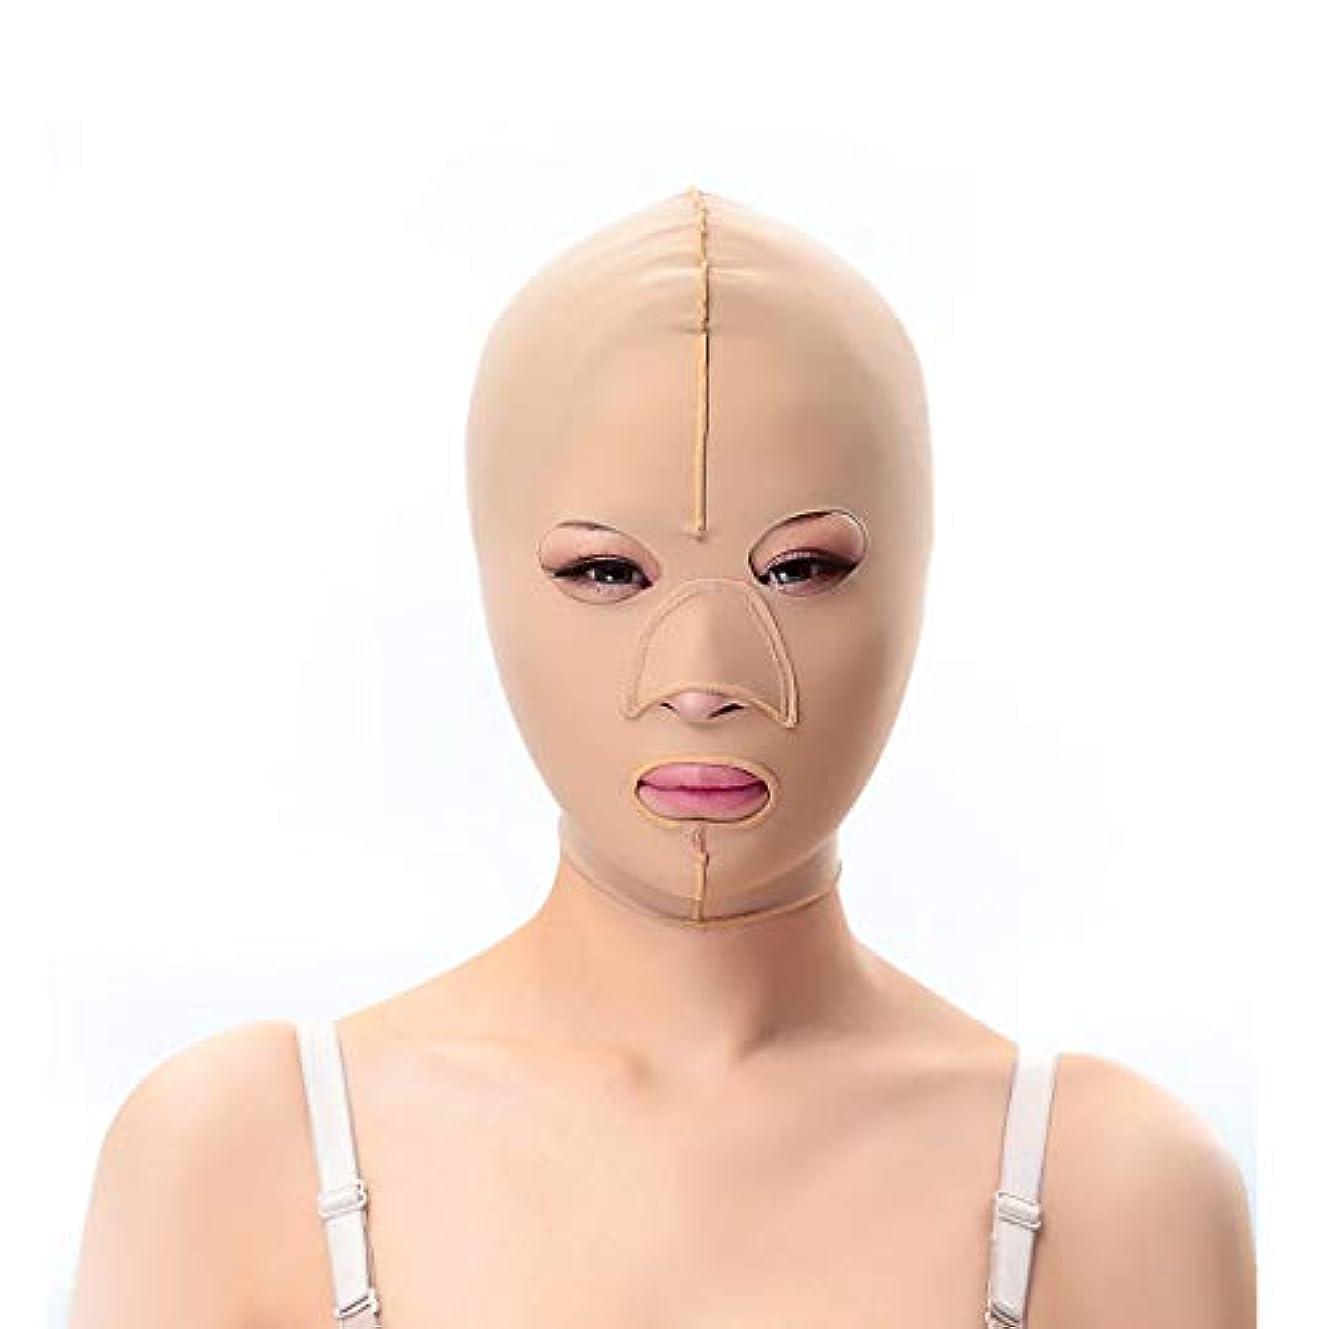 アプトテレビ局マダム痩身ベルト、フェイシャルマスク薄いフェイスマスクを脇に持ち上げる二重あご引き締め顔面プラスチックフェイスアーティファクト強力なフェイス包帯 (Size : S)